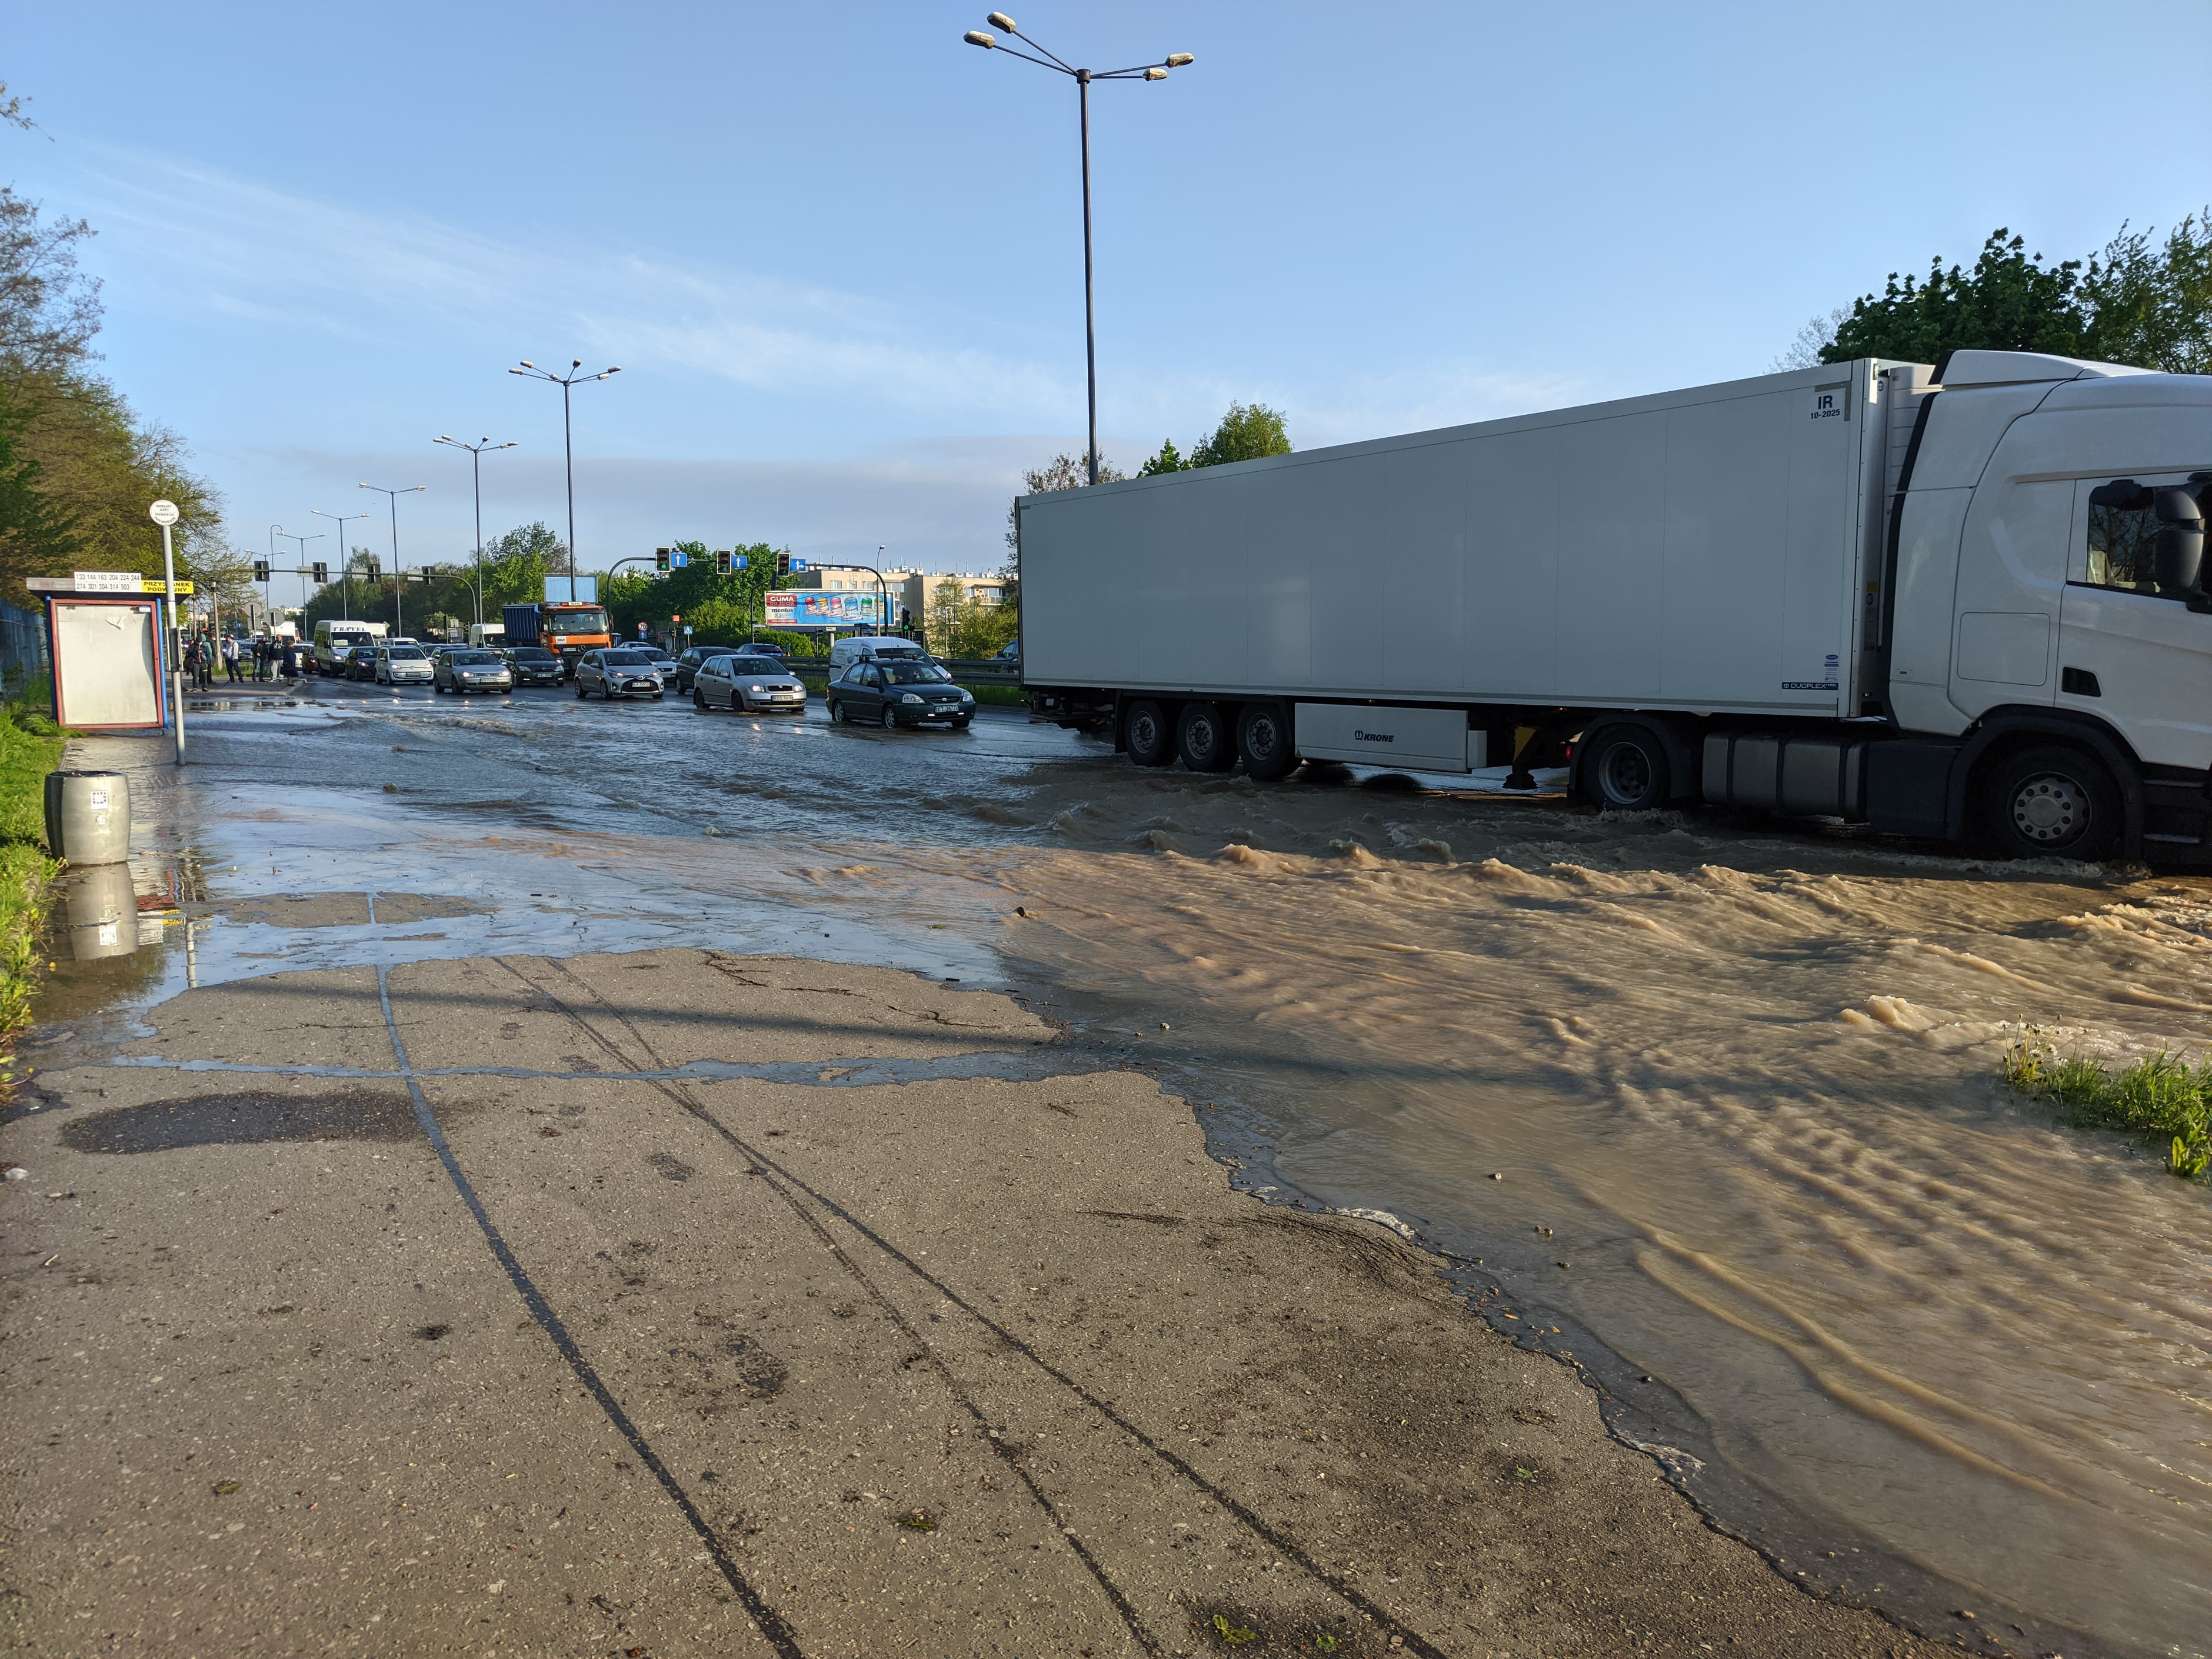 rzaka krakow awaria 10 150x150 - Awaria koło przystanku Jerzmanowskiego (Rżąka) - zdjęcia